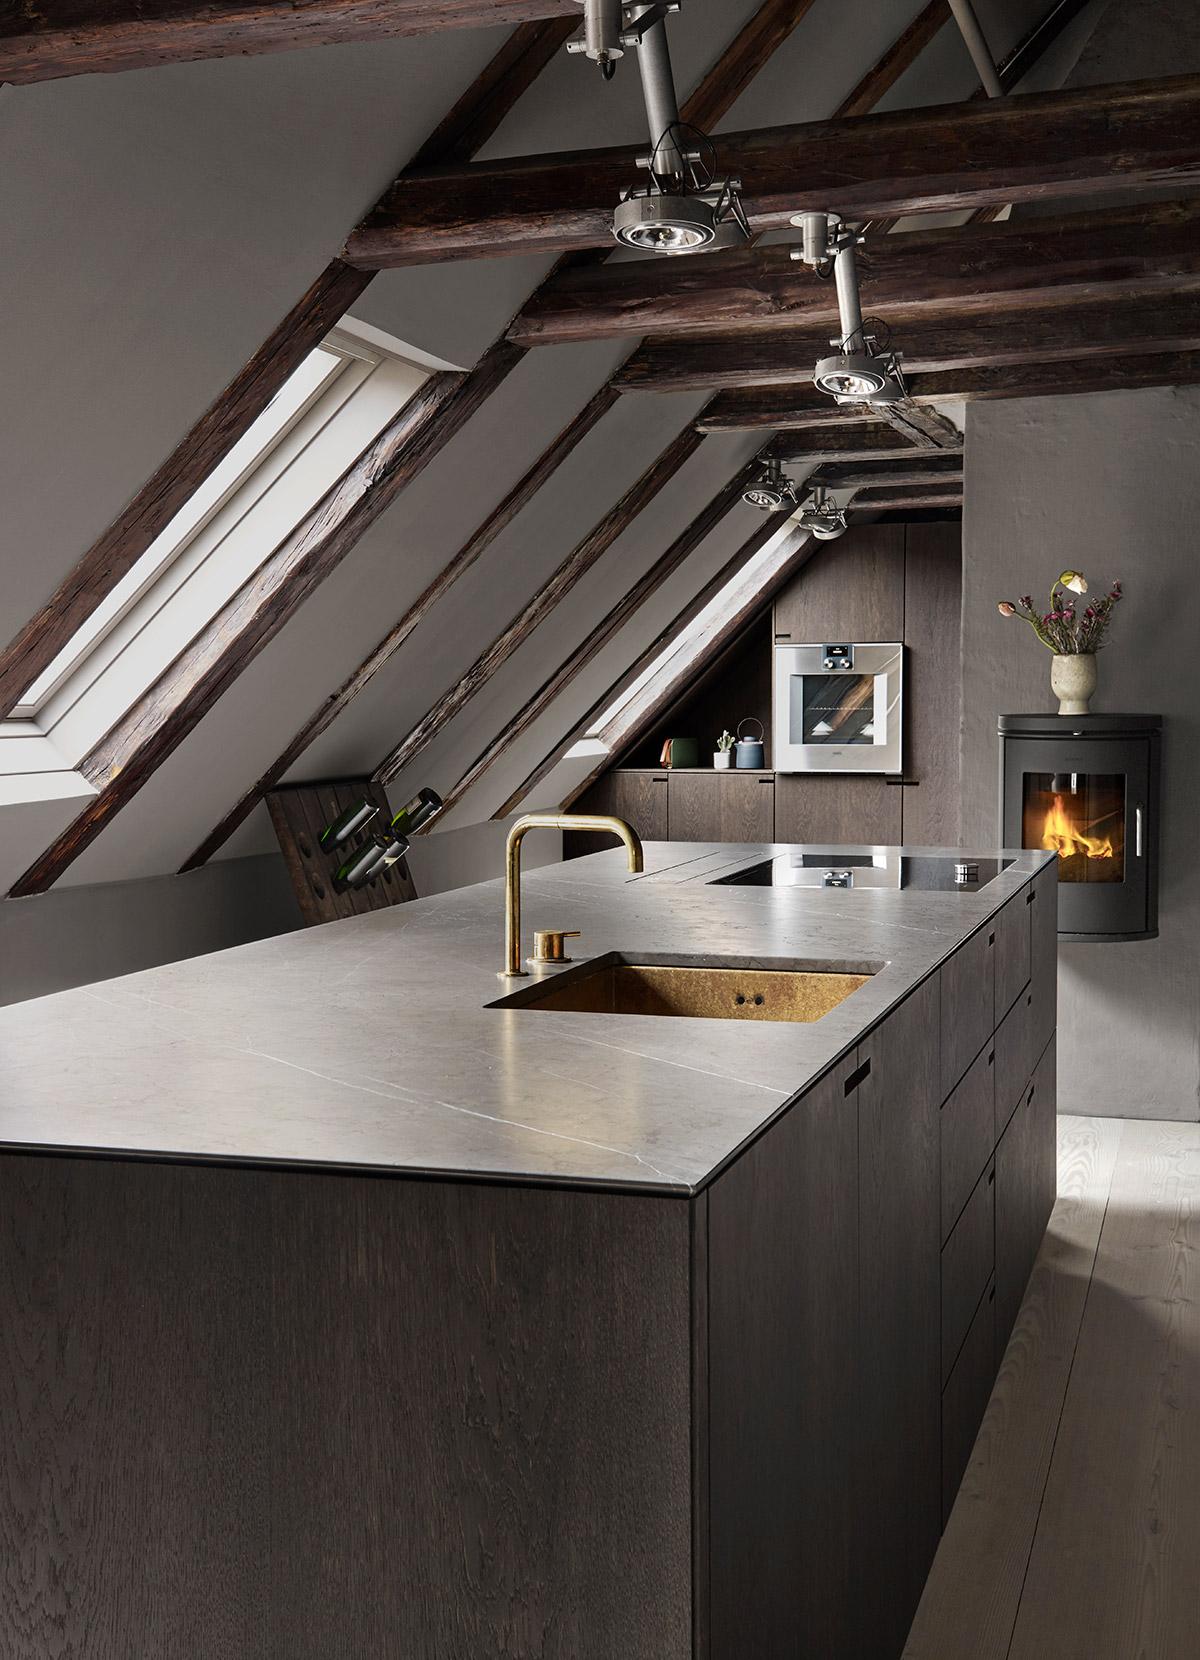 Snedkerkøkkenet Store Kongensgade - Mørk røget eg, marmor og messing - minimalistisk køkken af køkkensnedker Nicolaj Bo™, København